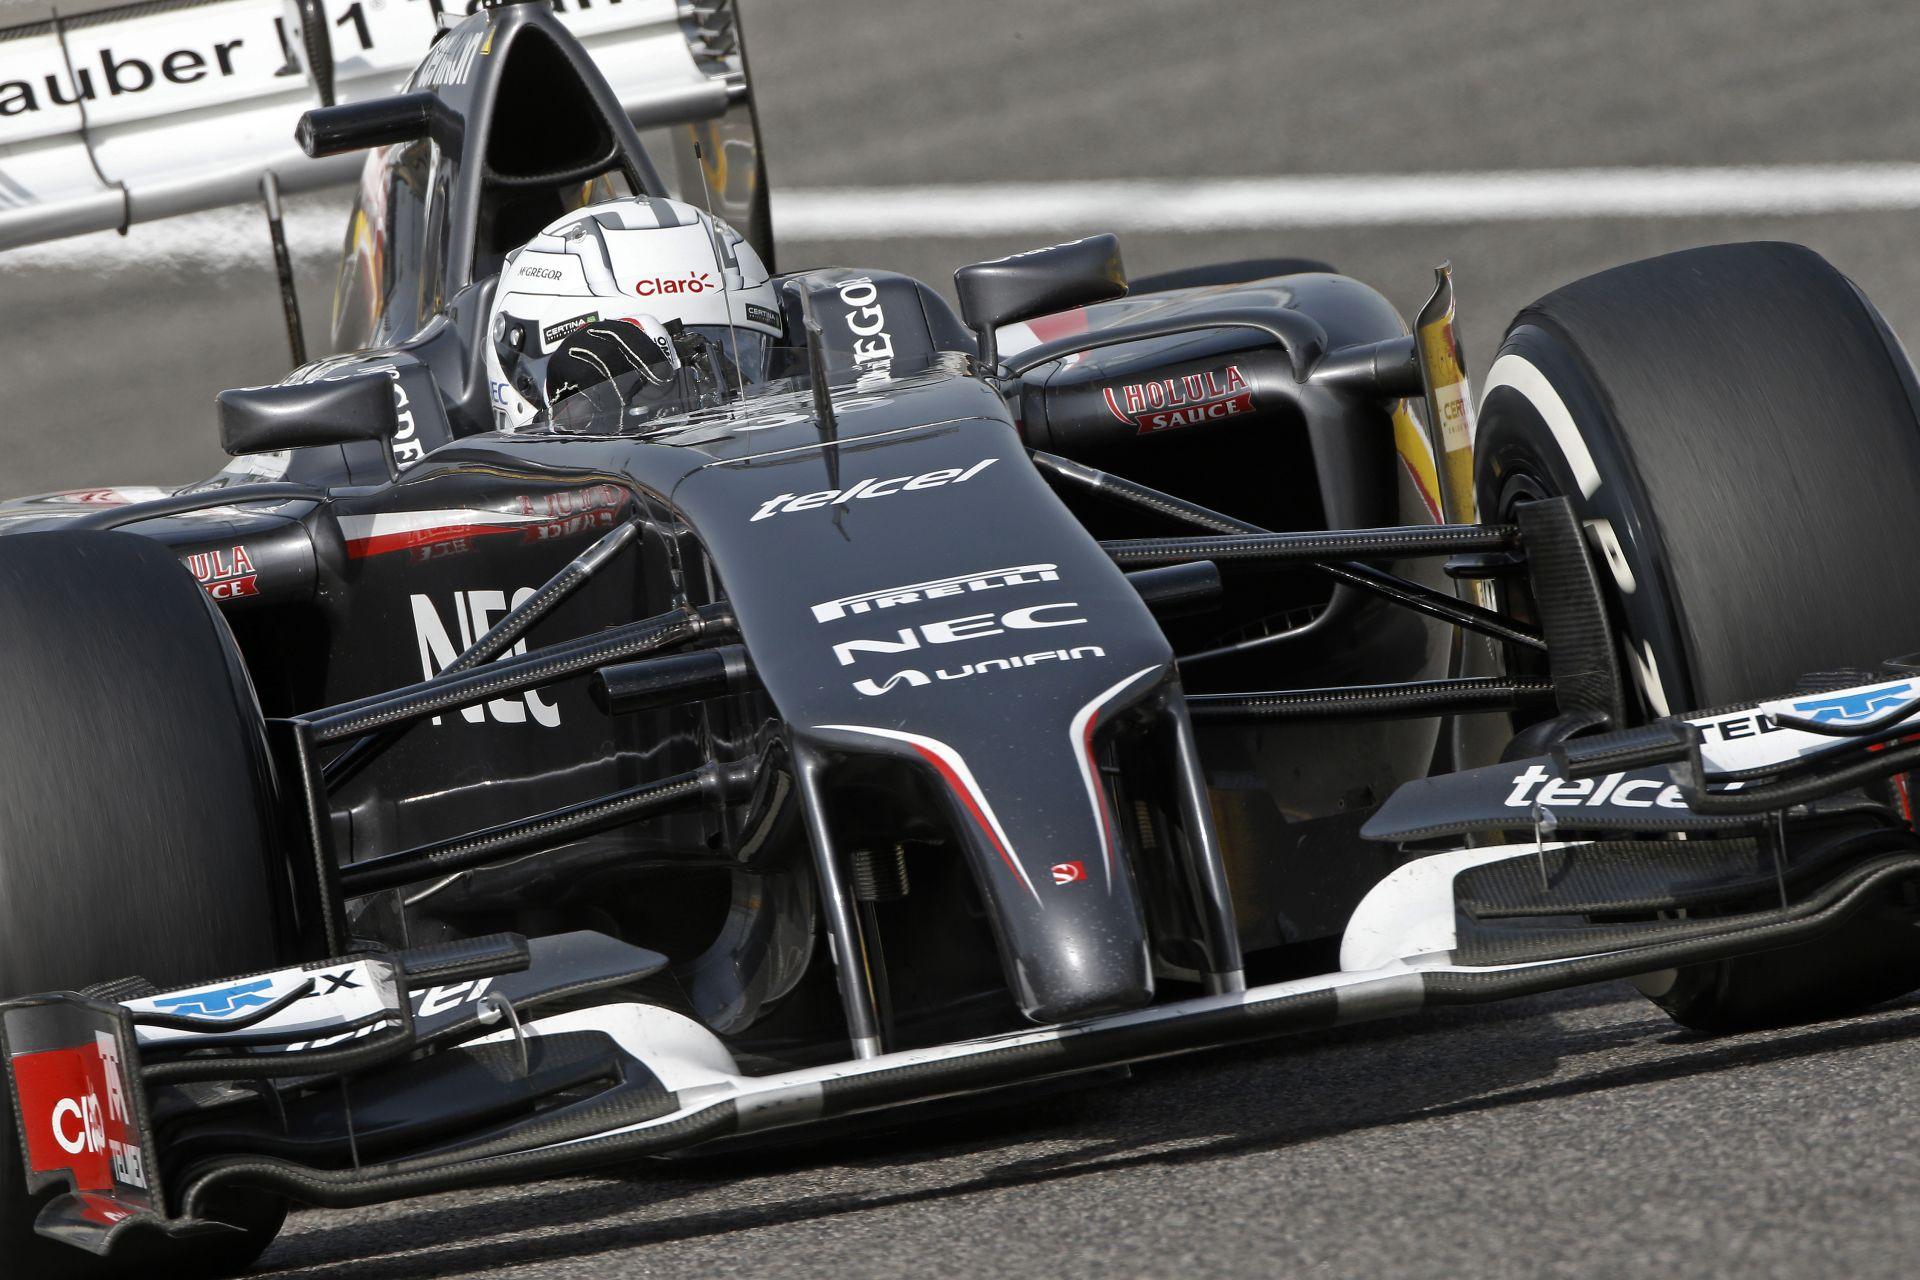 Van der Garde pert nyert a Sauber ellen, aki rajthoz állhat az Ausztrál Nagydíjon